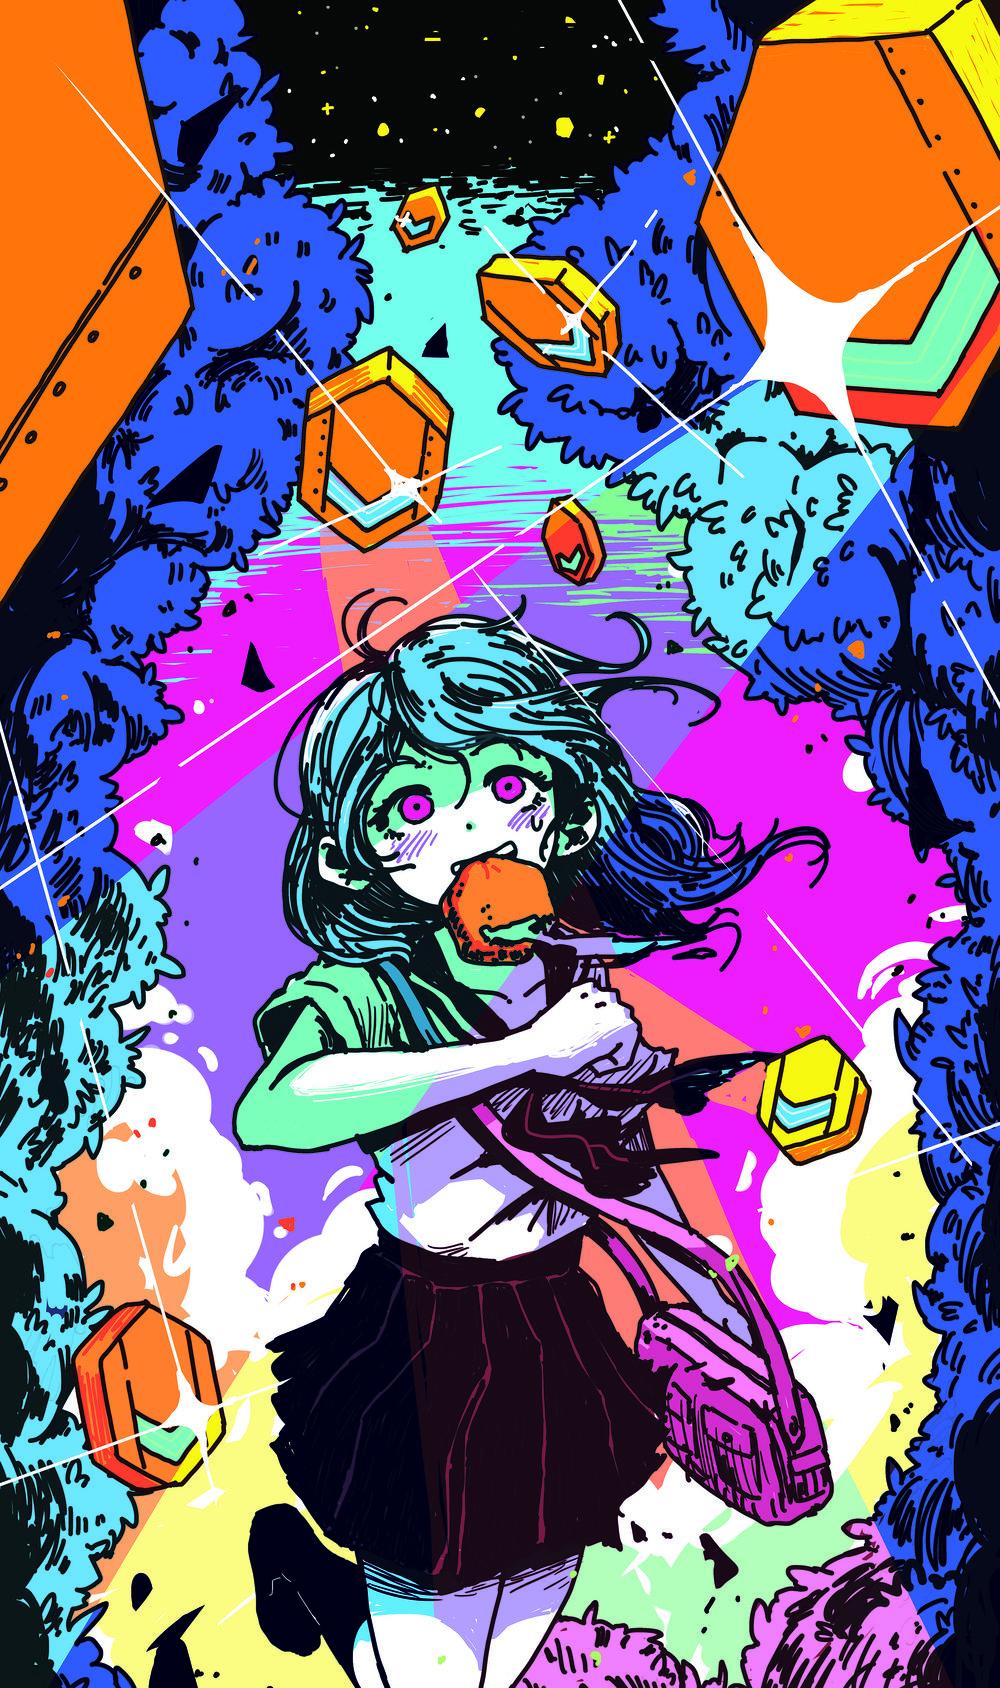 VRV_Poster_OMOCAT_16x27.jpg